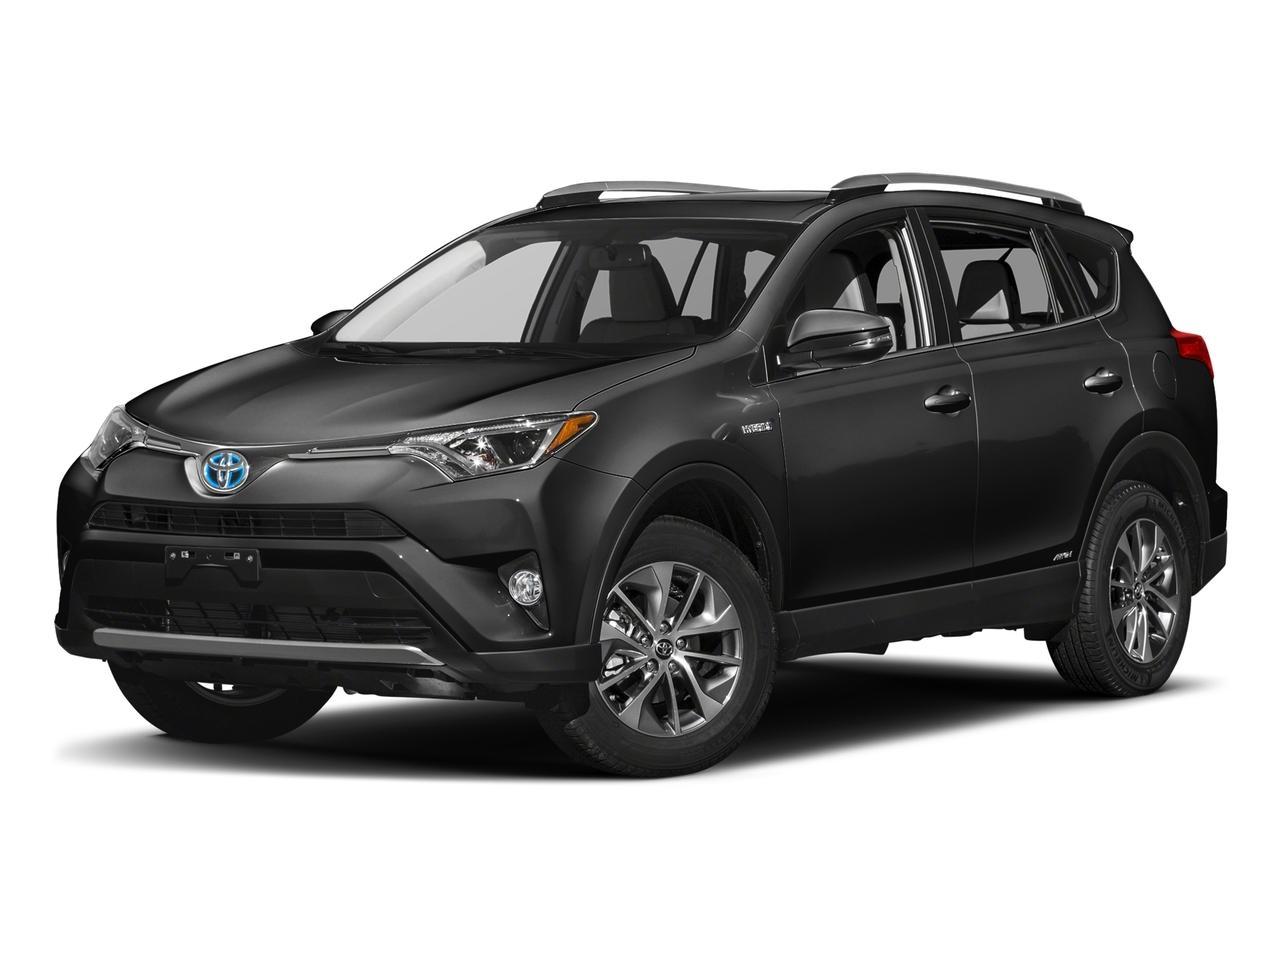 2018 Toyota RAV4 Vehicle Photo in Oshkosh, WI 54904